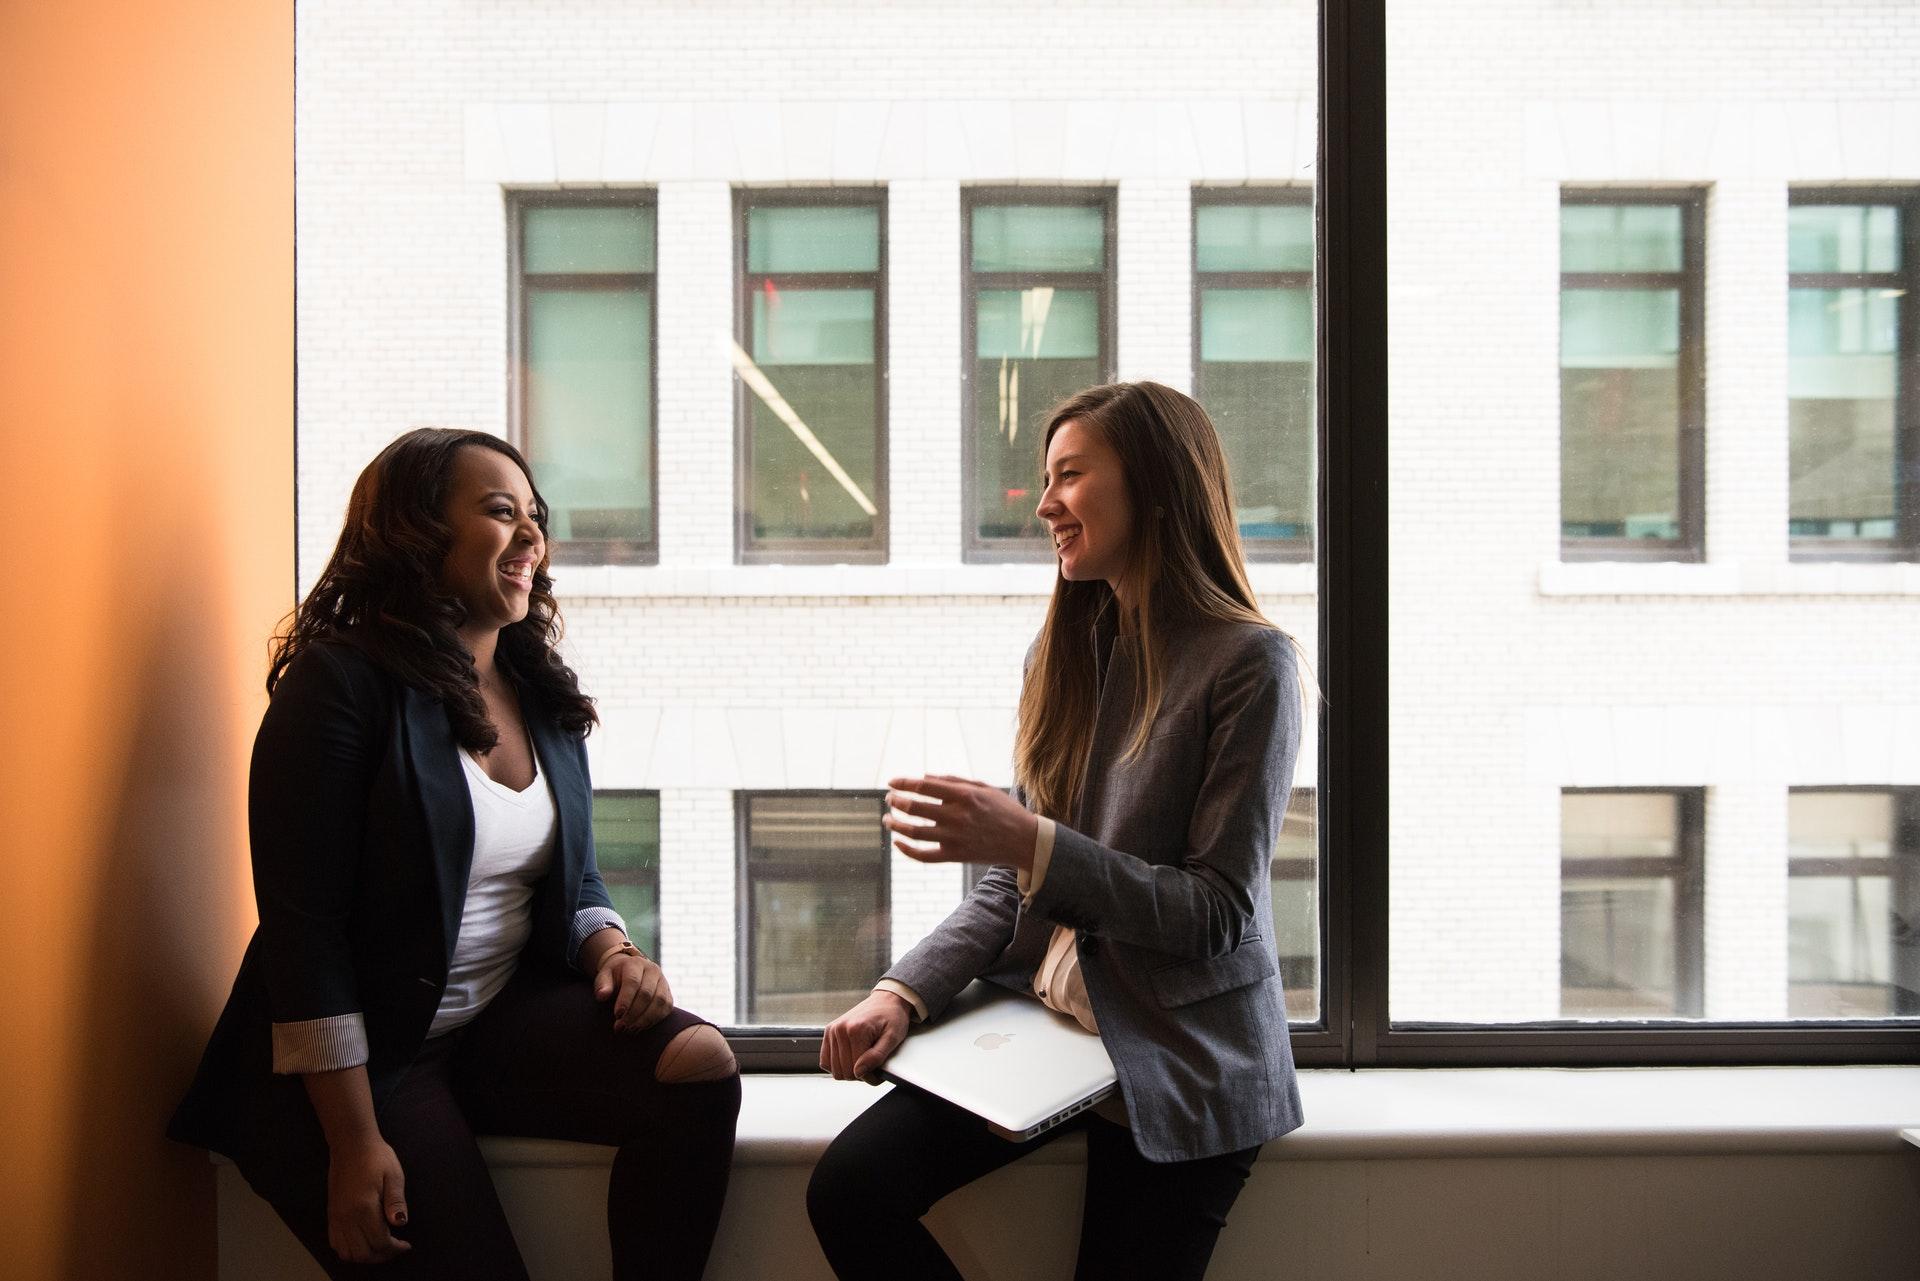 Vemos duas mulheres conversando; uma grande janela ao fundo, no que parece ser a sede de uma empresa (imagem ilustrativa). Texto: como começar um pequeno negócio.